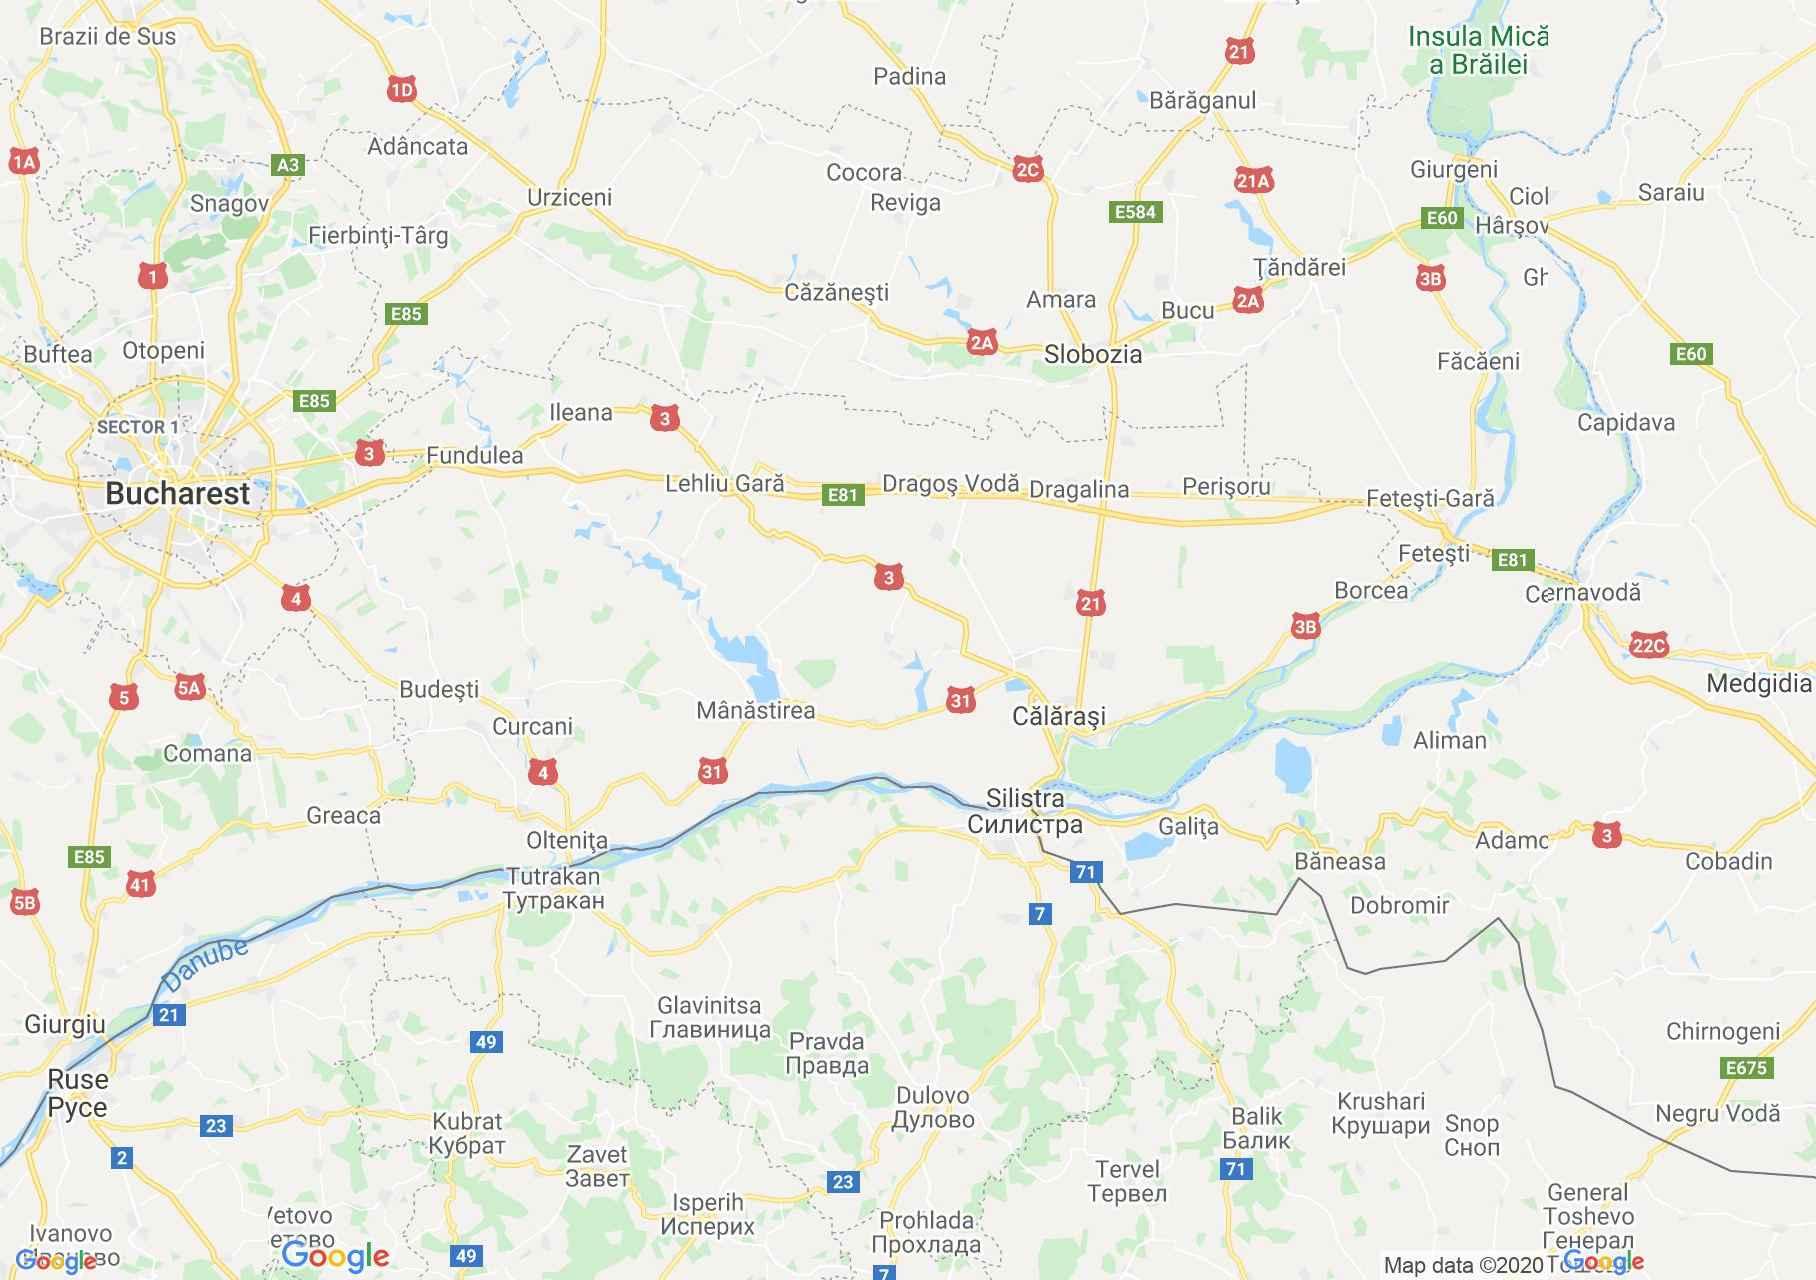 Călăraşi county: (Călărași), Interactive tourist map